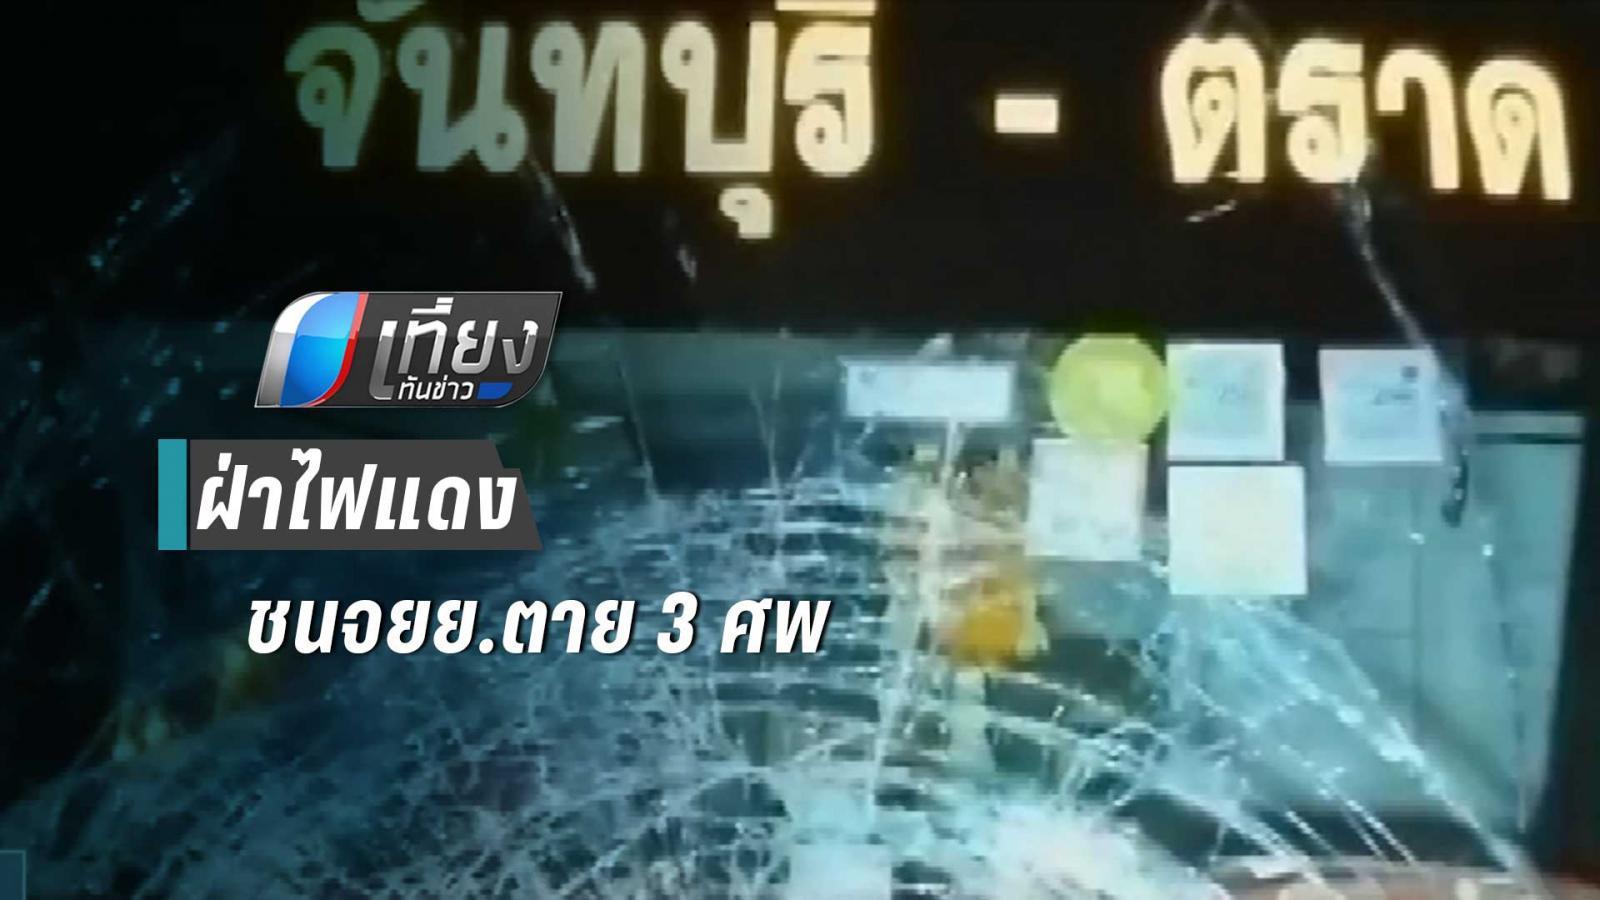 รถบัสปรับอากาศฝ่าไฟแดงชน จยย.เสียชีวิต 3 คน